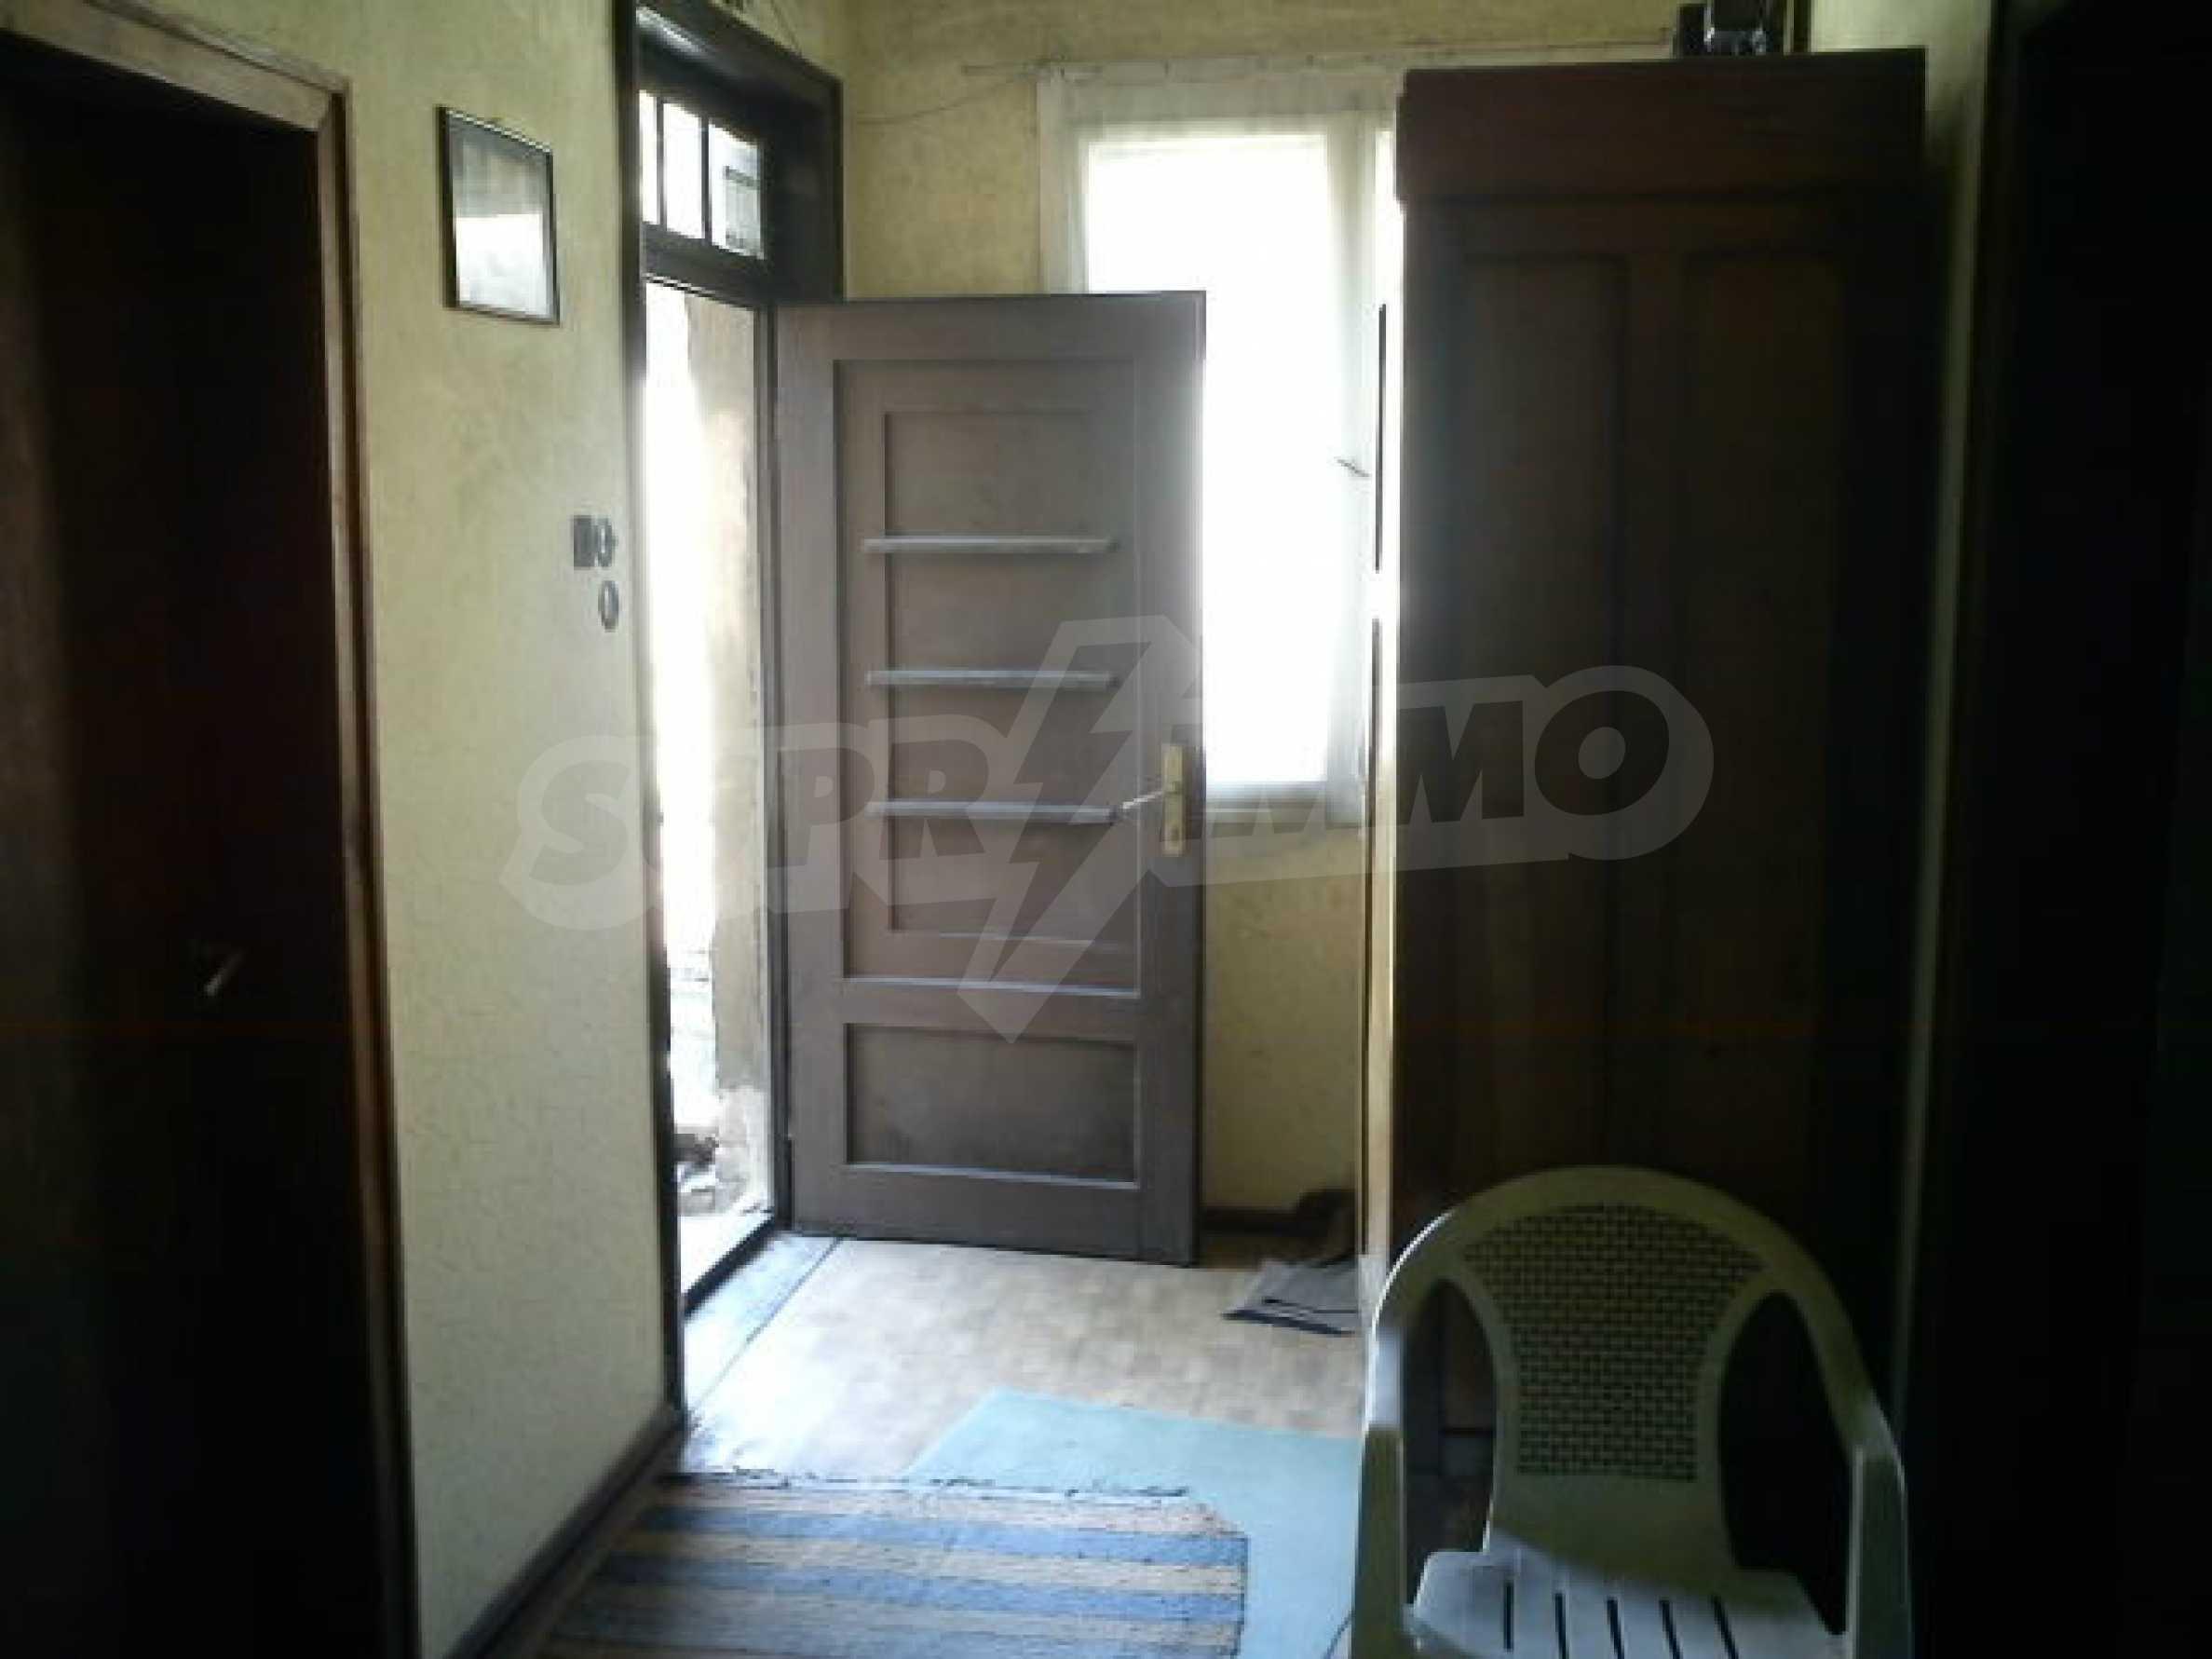 Zweiter Stock eines Hauses im Zentrum von Veliko Tarnovo 16